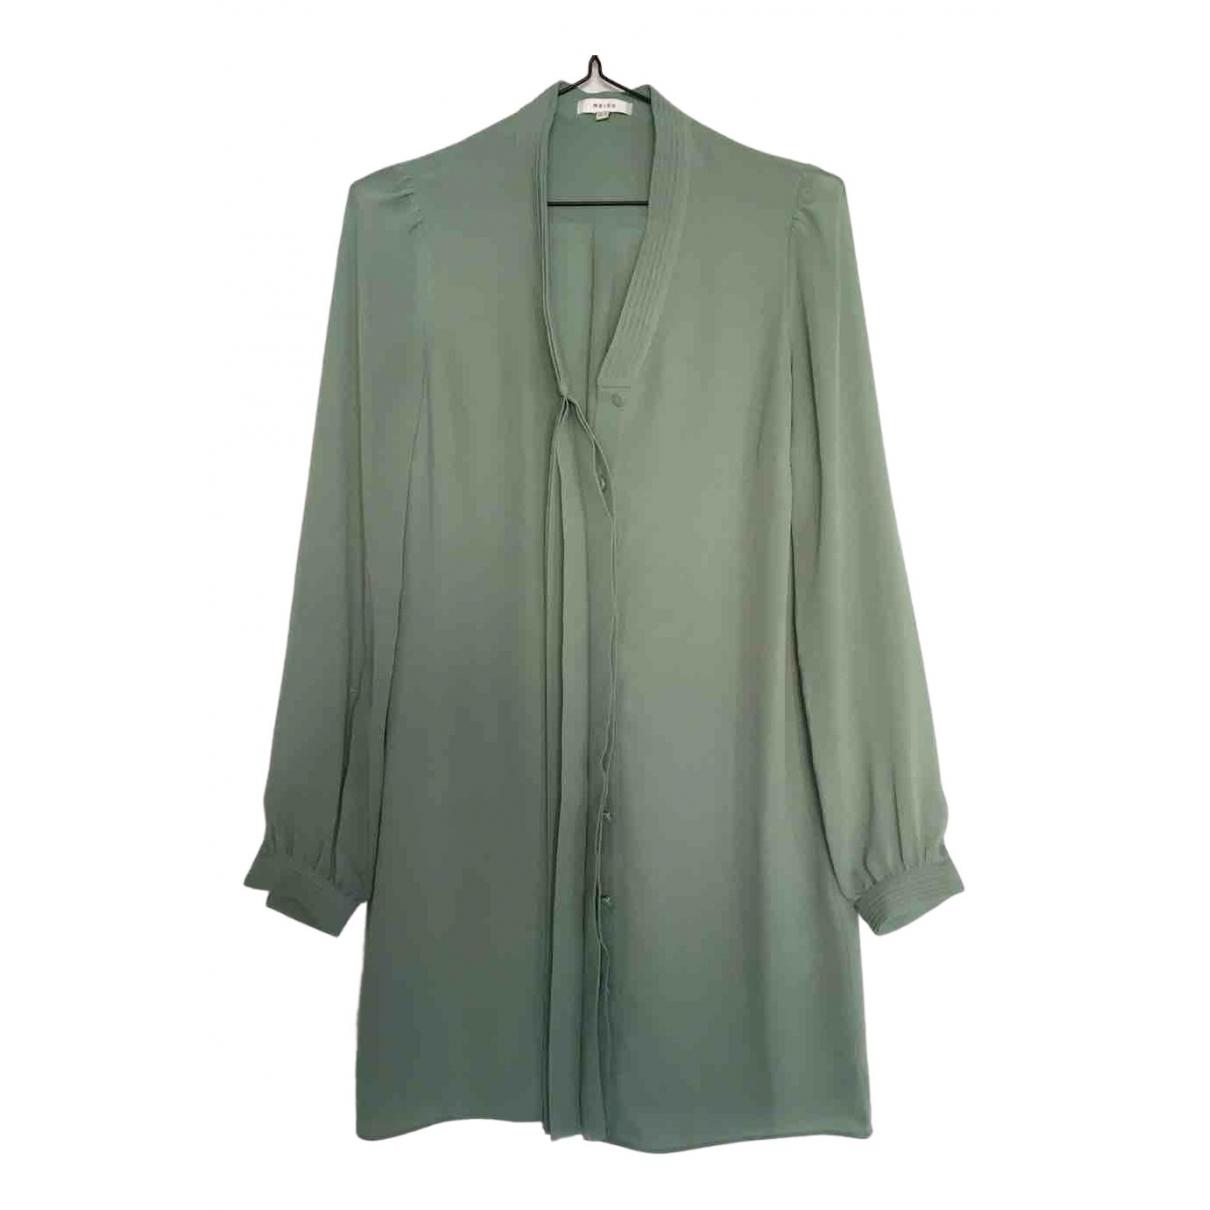 Reiss \N Green dress for Women 4 UK